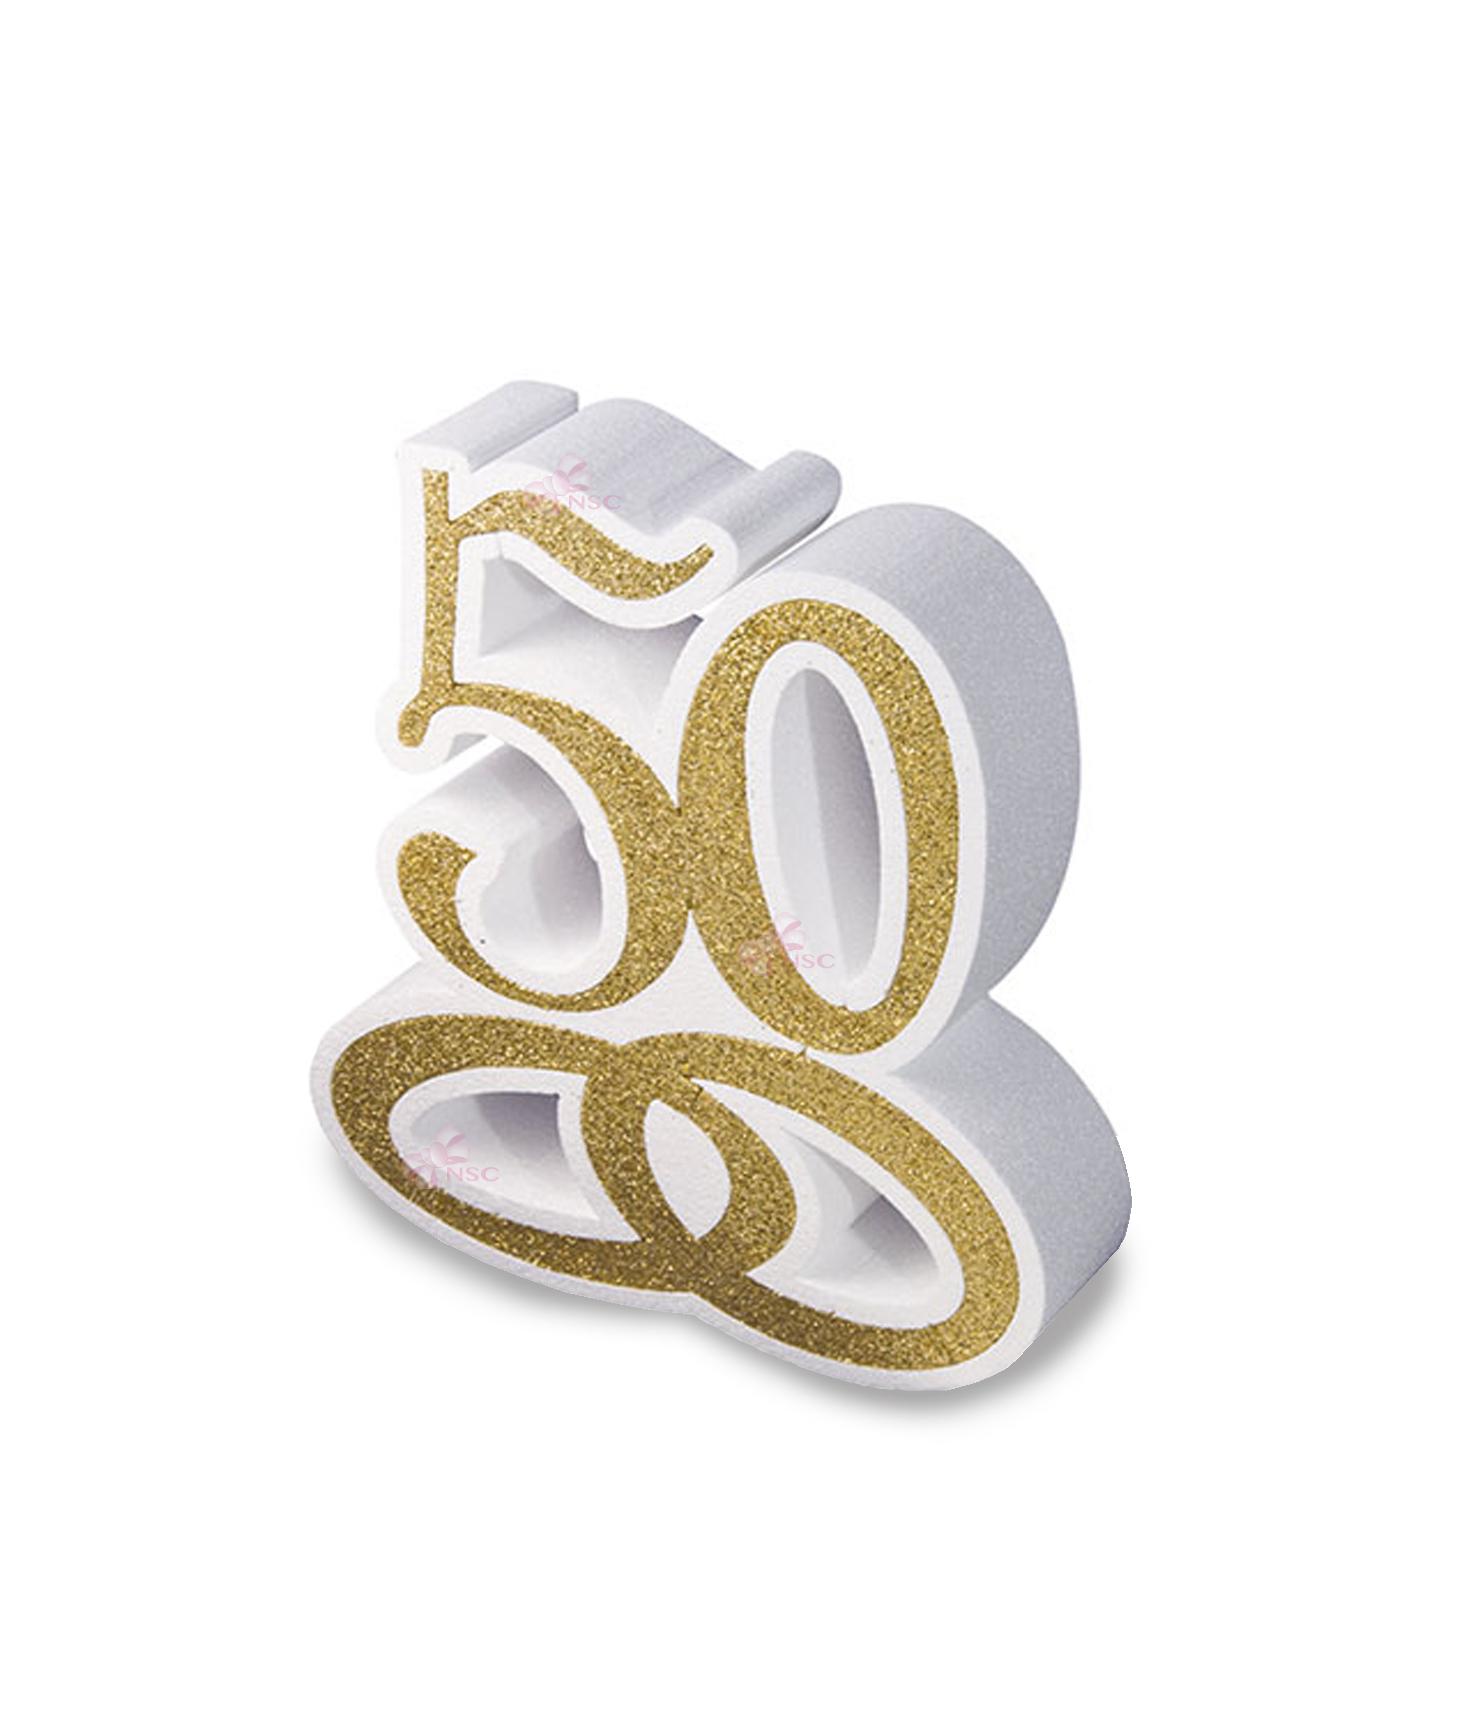 50 Anni Scritta Polistirolo